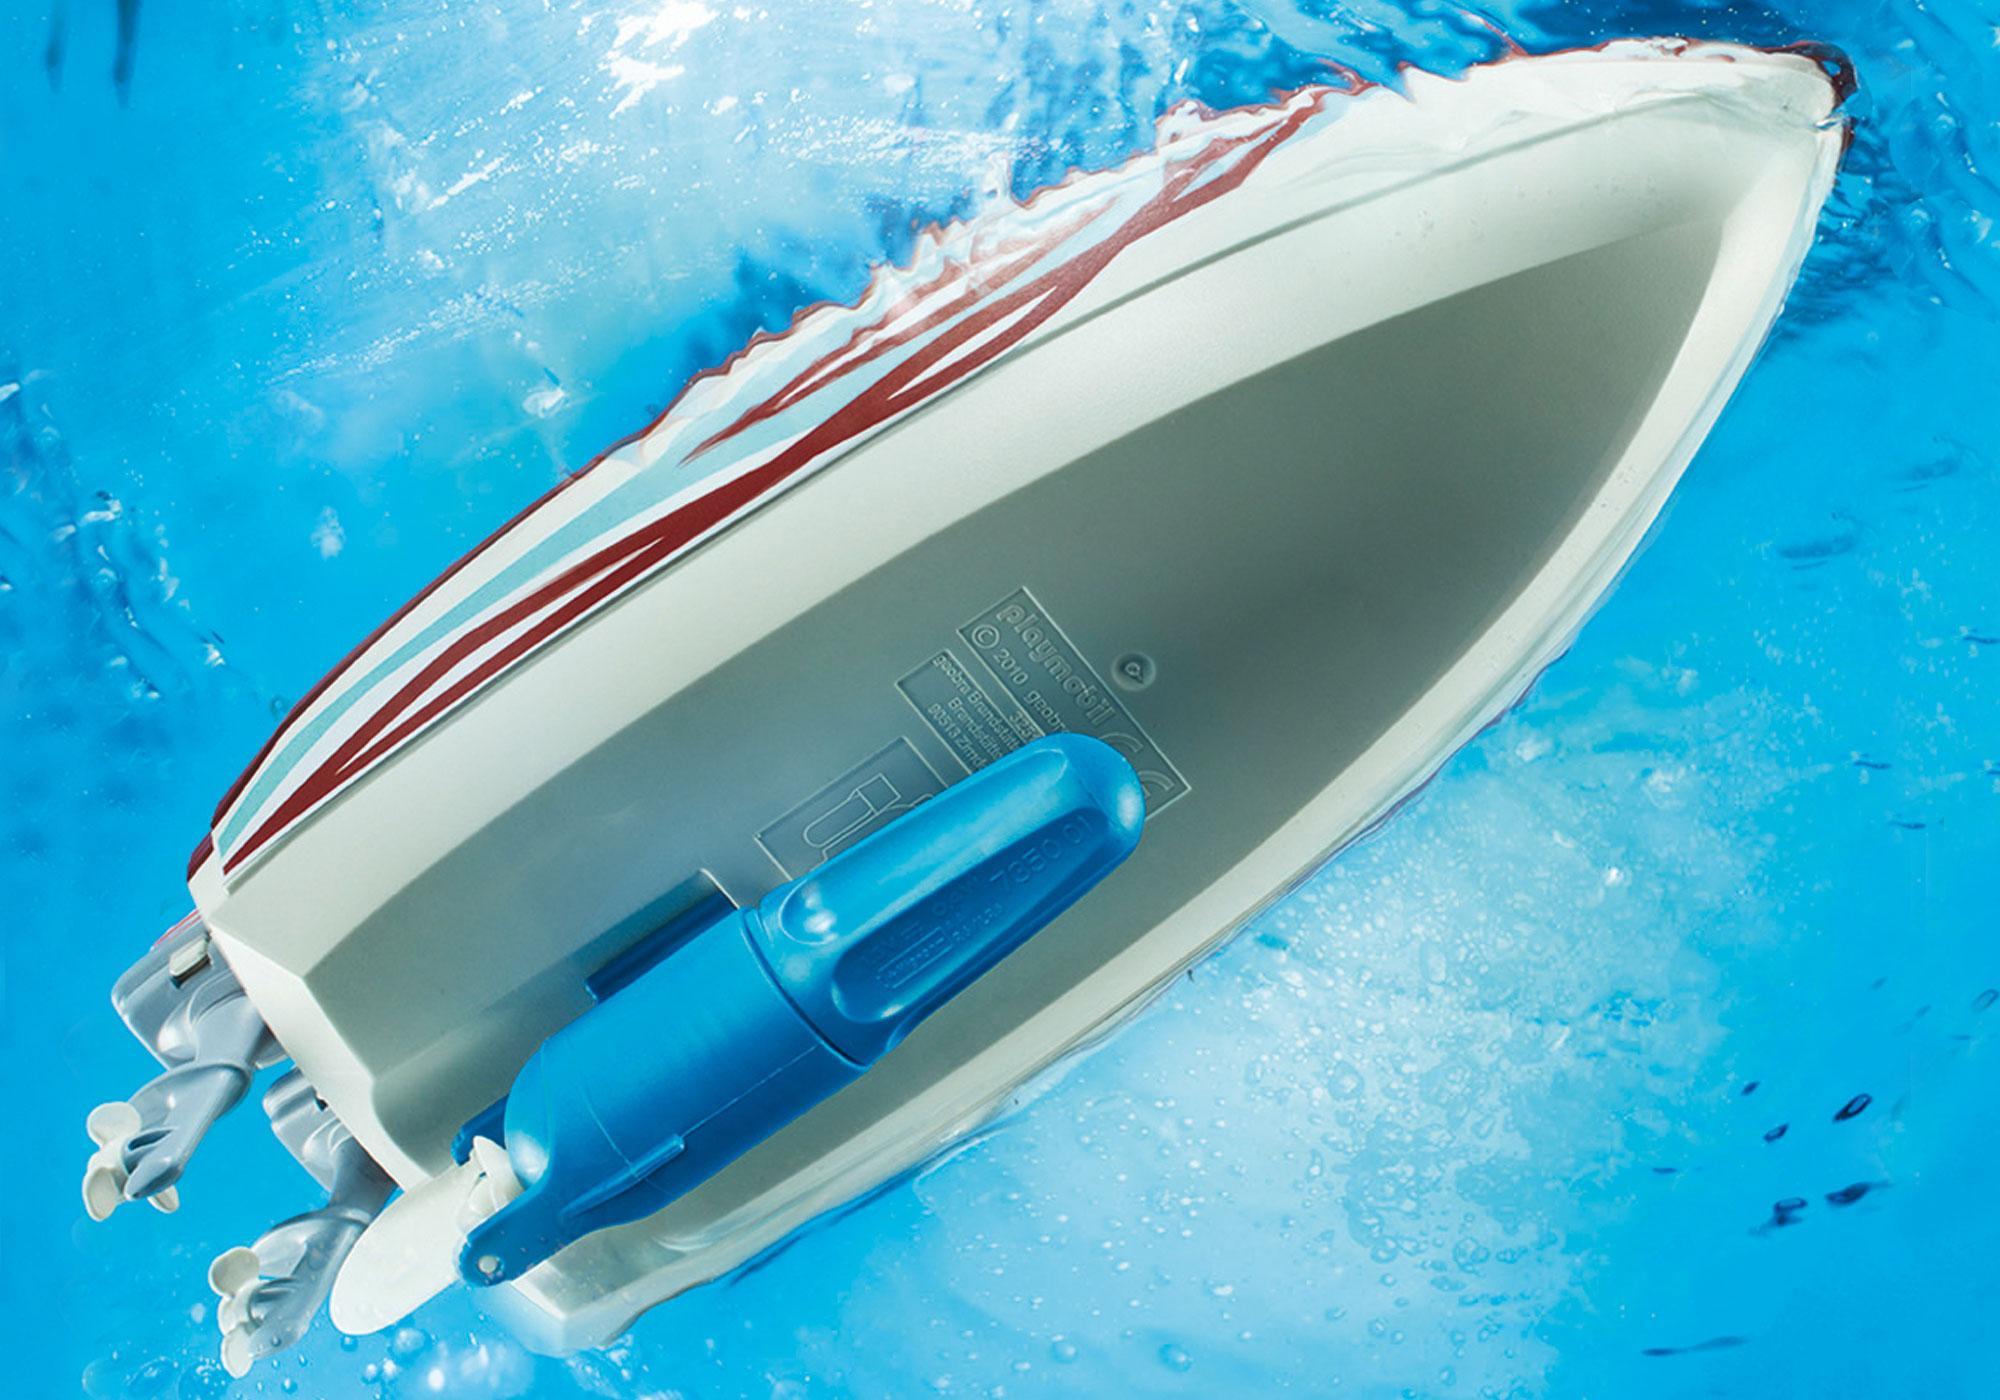 http://media.playmobil.com/i/playmobil/9428_product_extra1/Lancha com motor subaquático